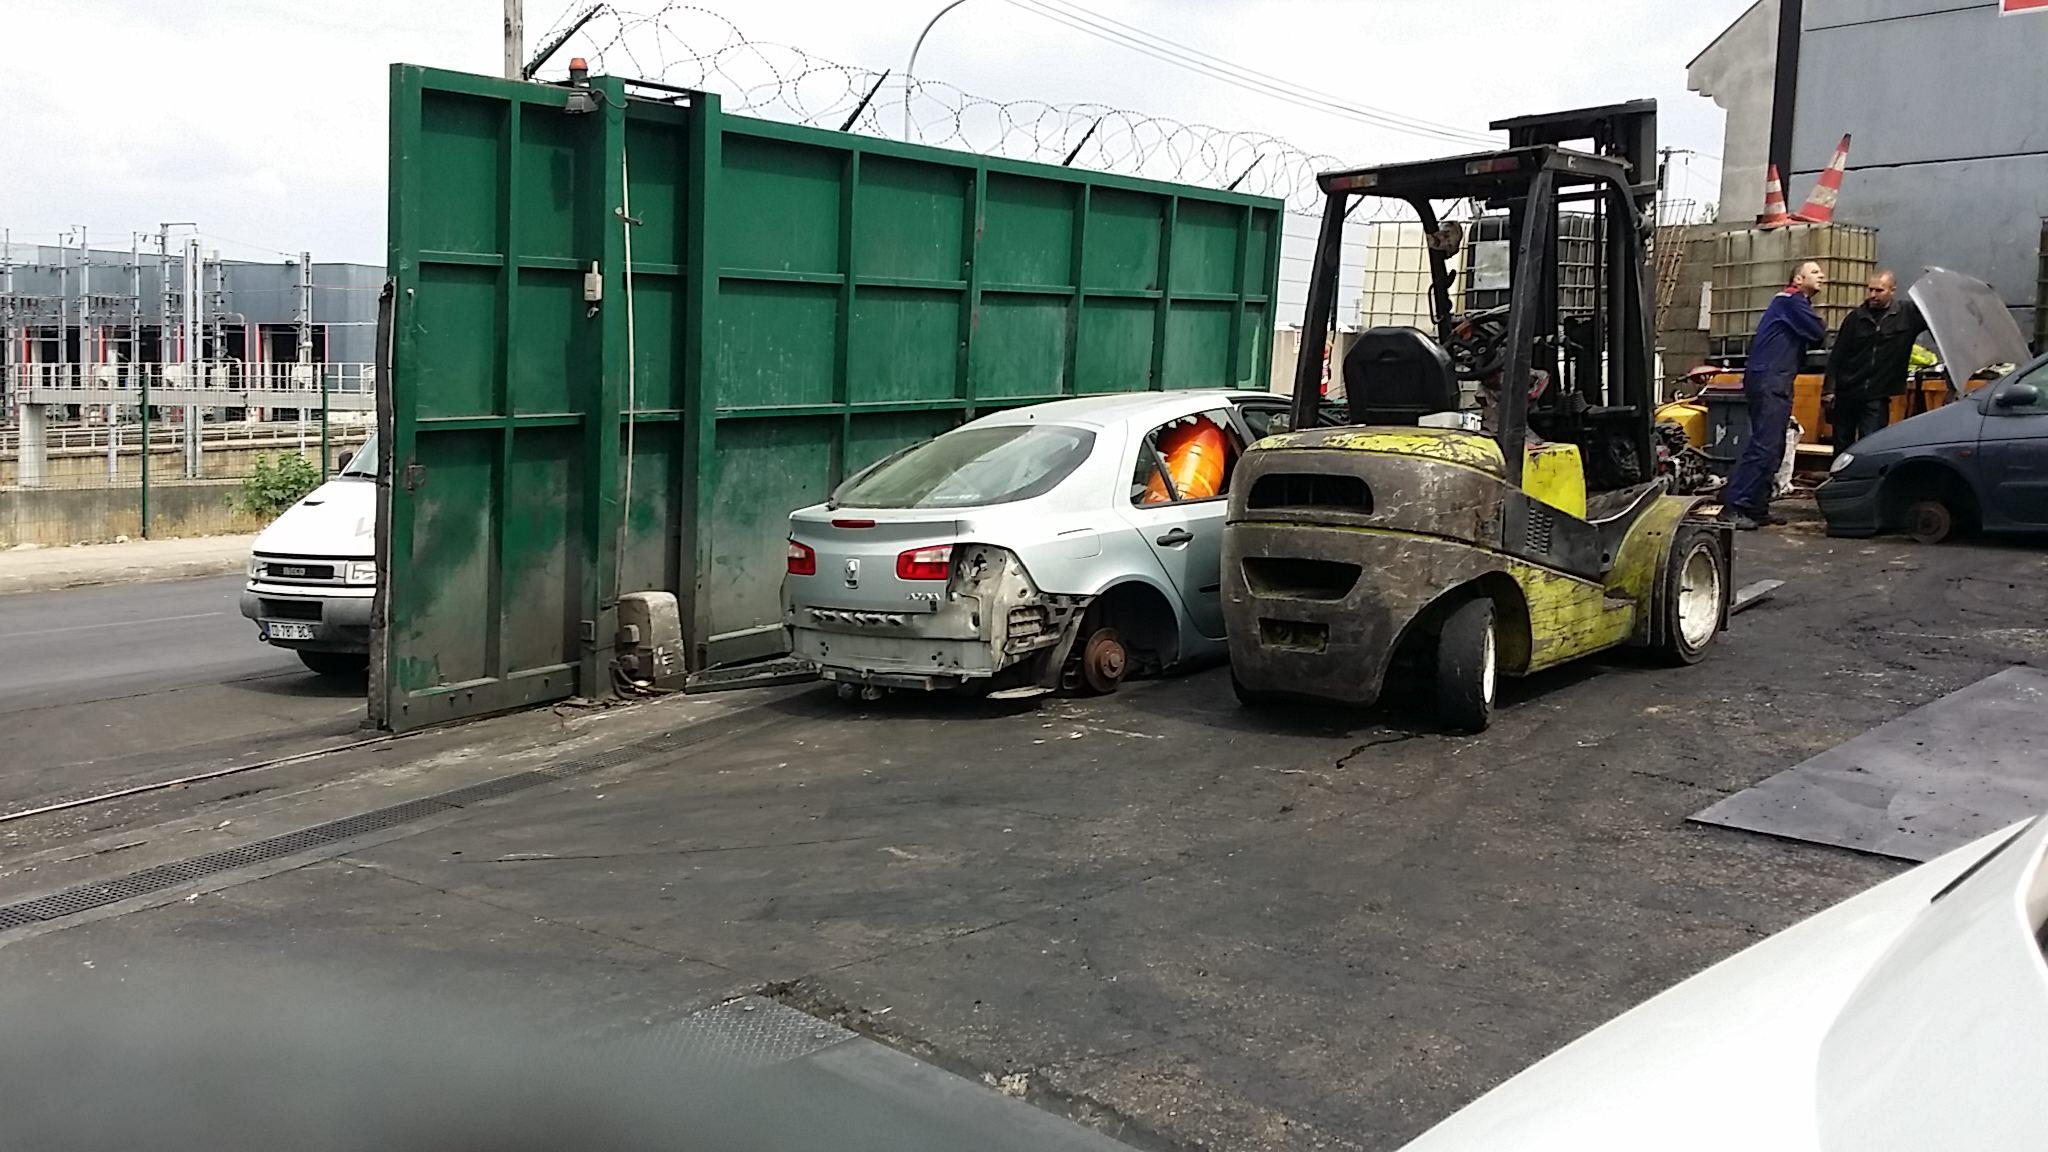 Destruction voiture en panne accidentee gagee hs paris for Reprise voiture en panne garage